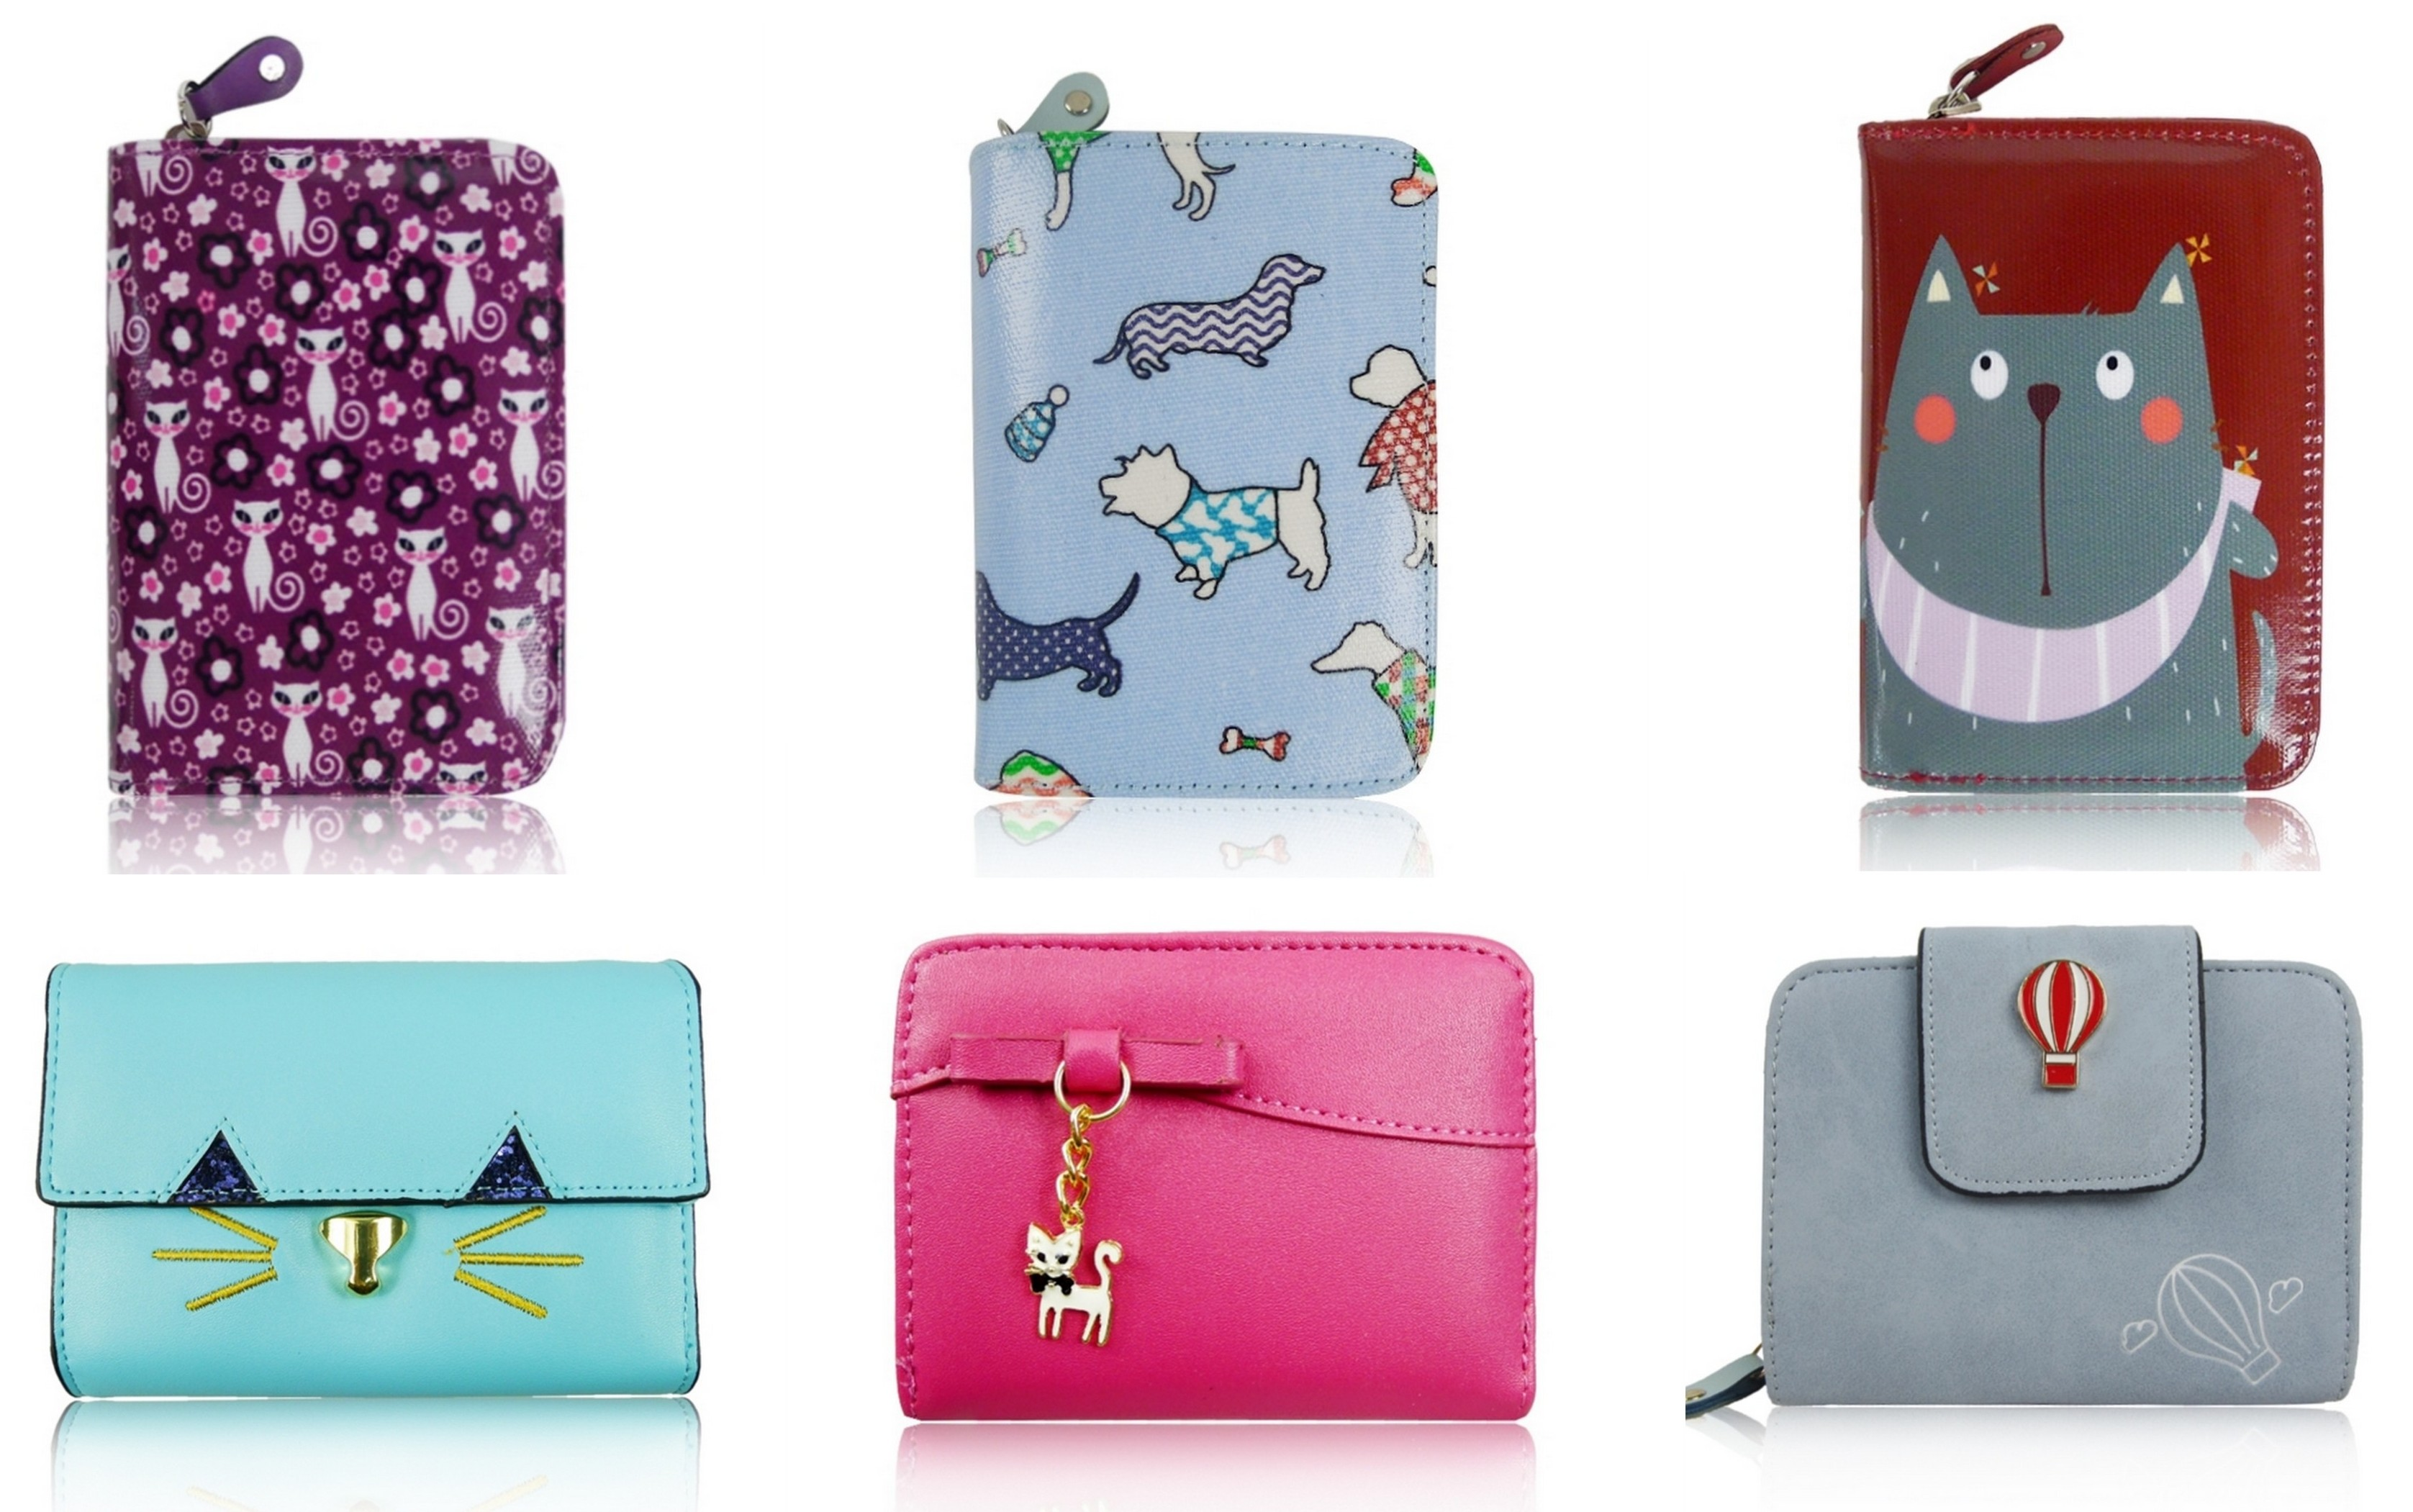 cb47ec9473871 Mały portfel dla dziewczynki i klasyczny damski